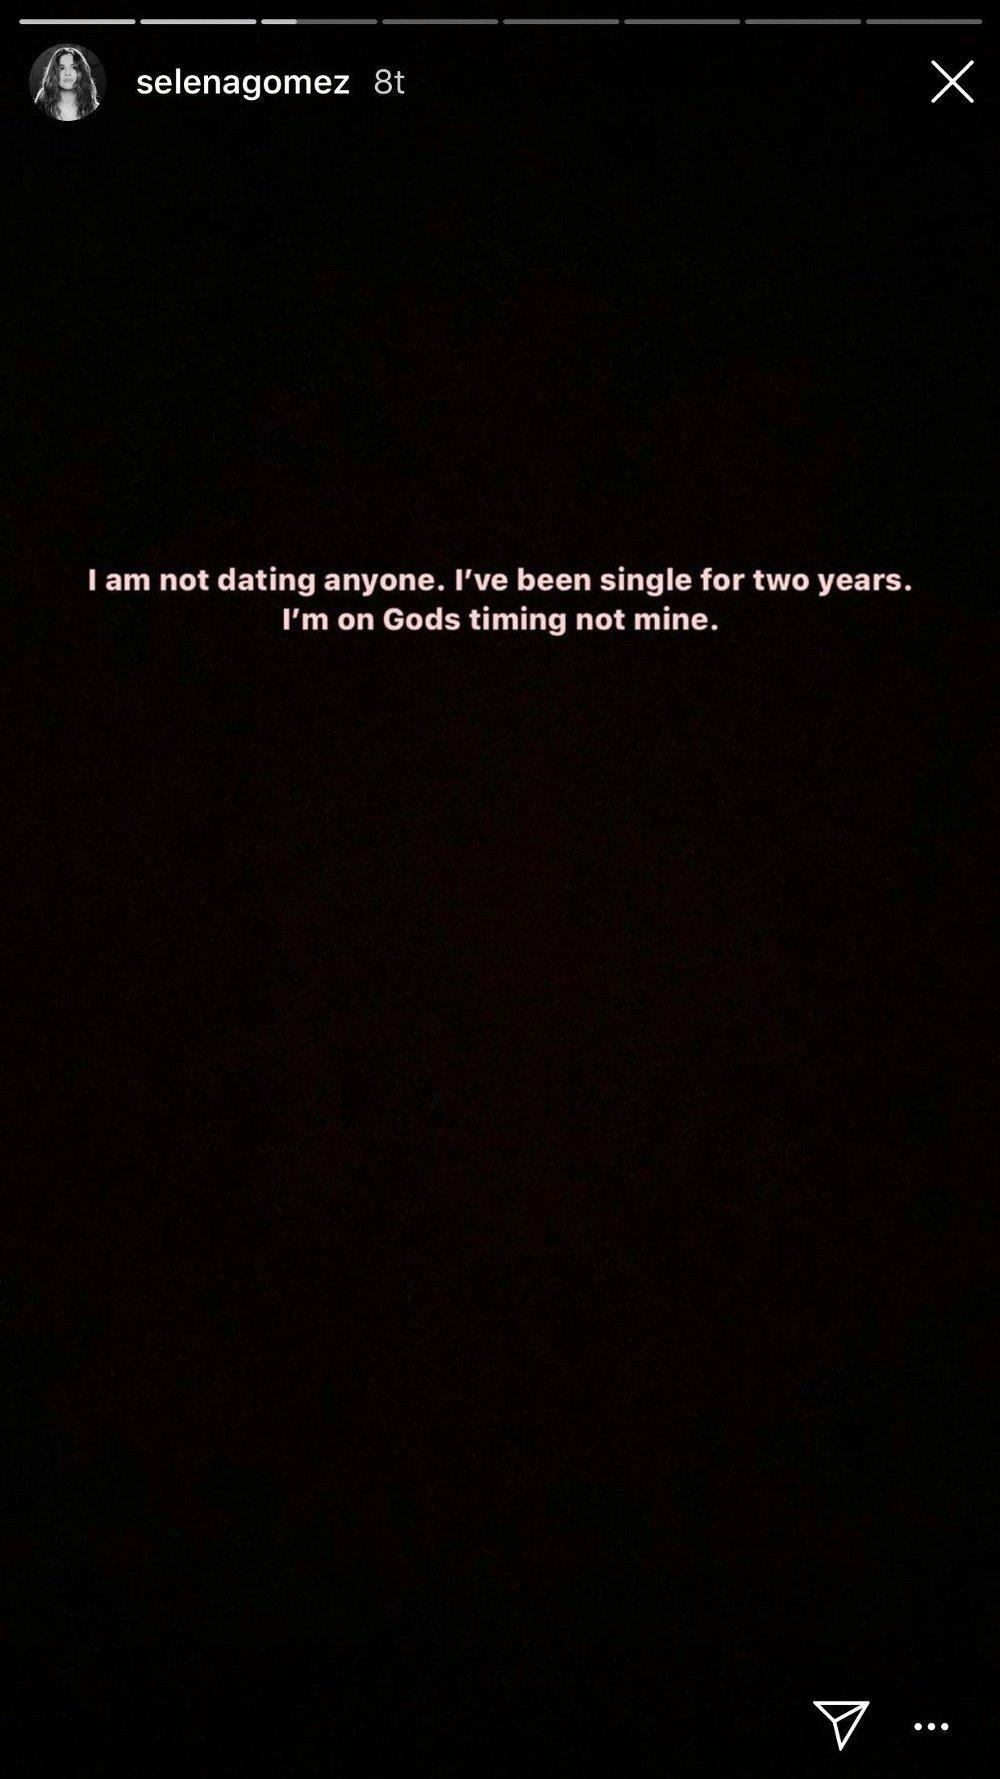 Klikk på bildet for å forstørre. En skjermdump av Selena Gomez sitt innlegg på Instagram der hun skriver at hun er singel